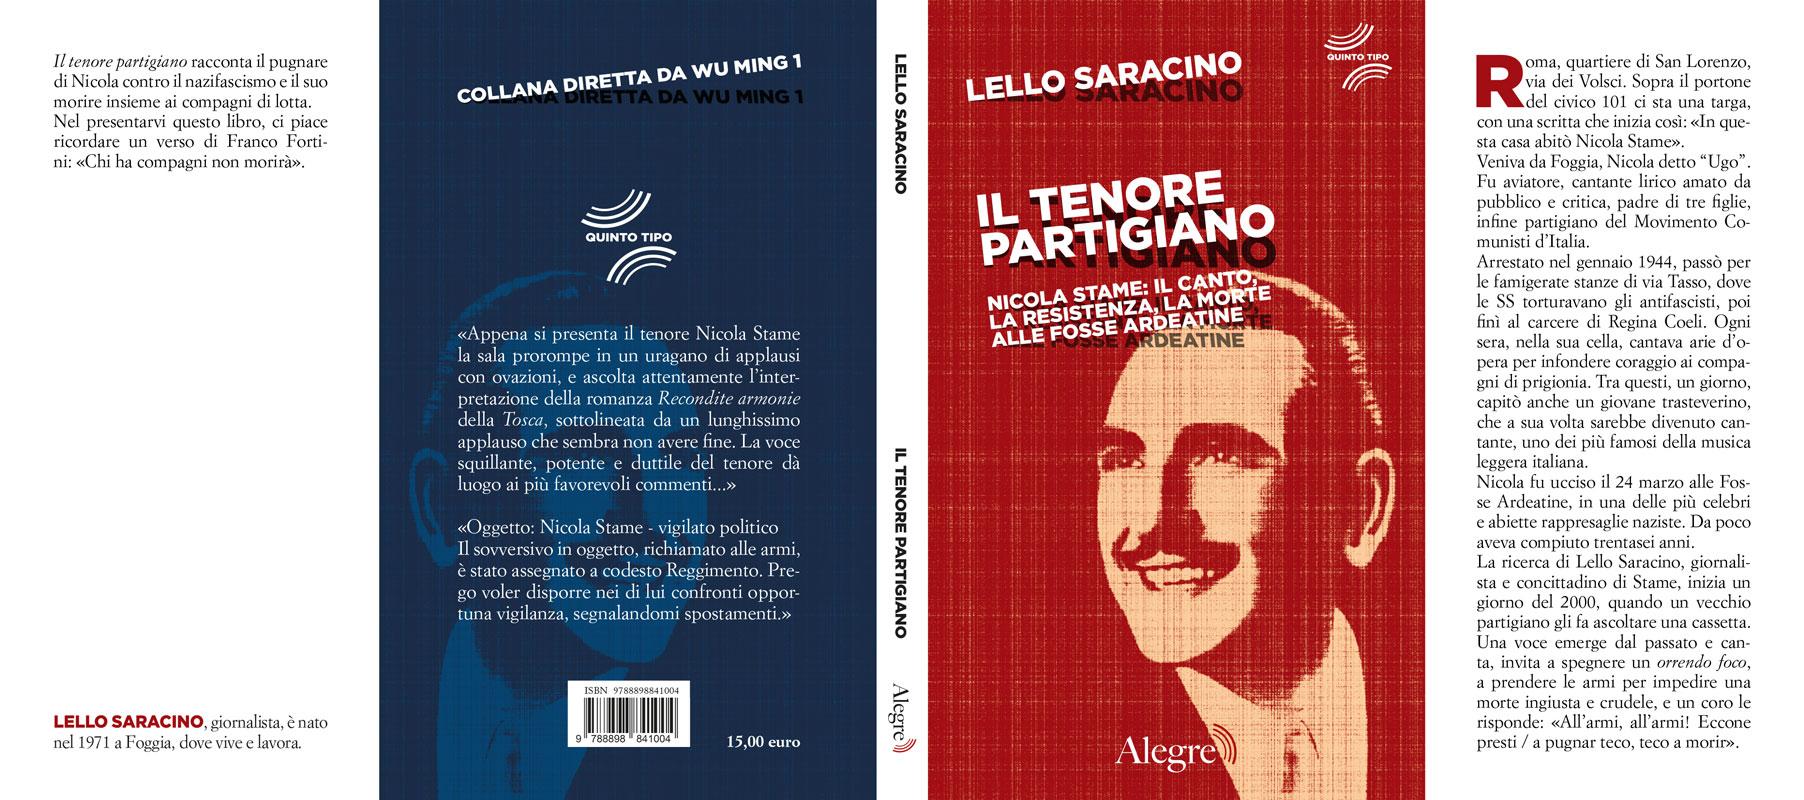 Lello Saracino, Il tenore partigiano, stesa